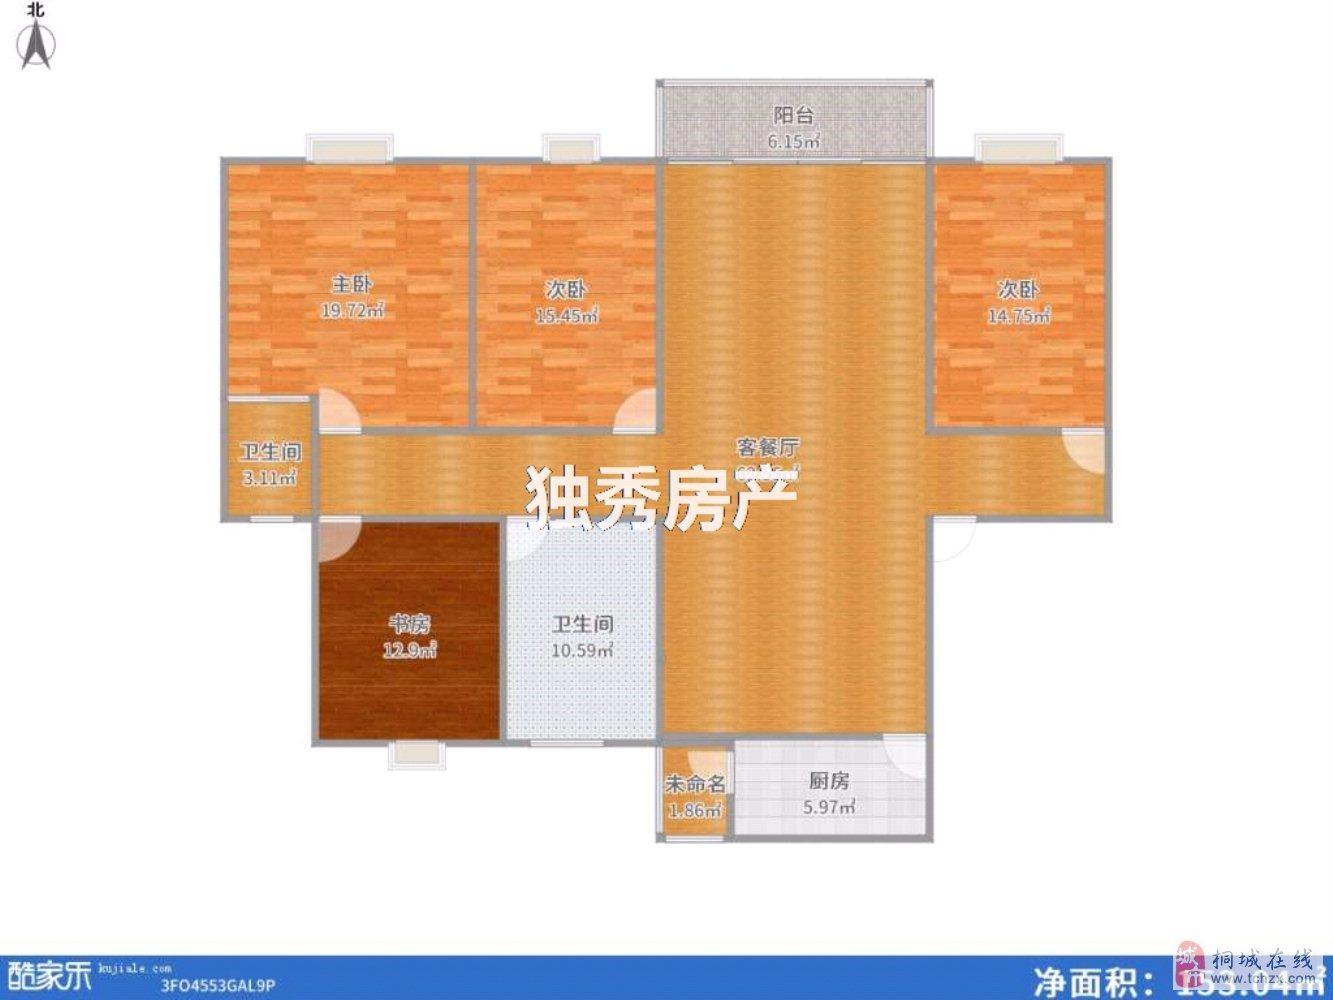 桐城碧桂园电梯高层复式楼精装四室环境优美